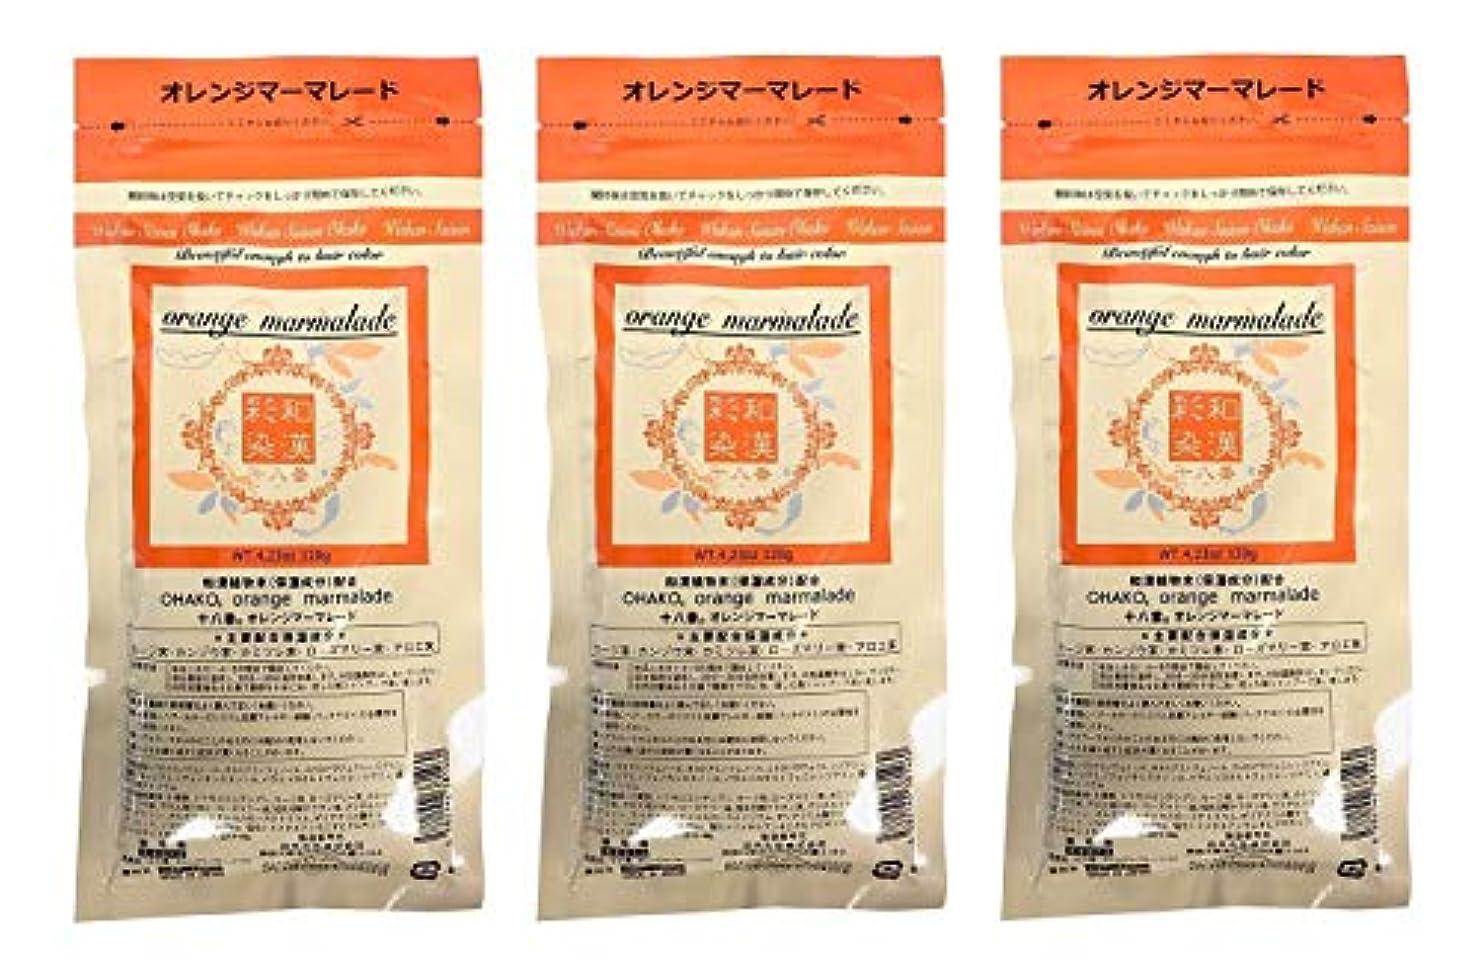 飾るとファン【3個セット】グランデックス 和漢彩染 十八番 120g オレンジママーレード